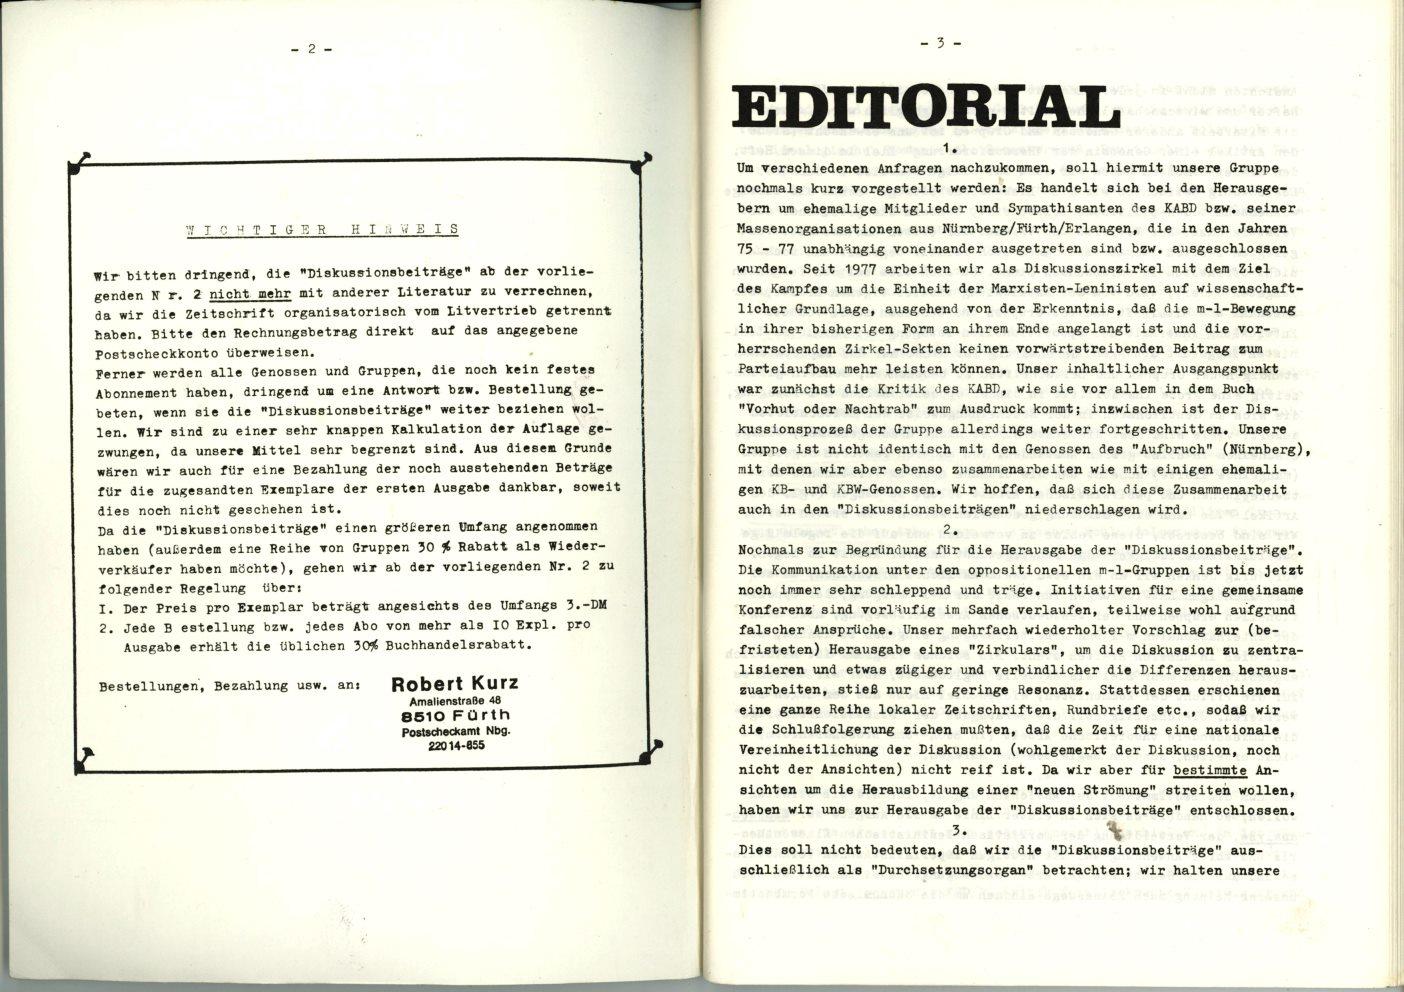 Nuernberg_Fuerth_Erlangen_ML_Diskussionsbeitraege_1979_02_02